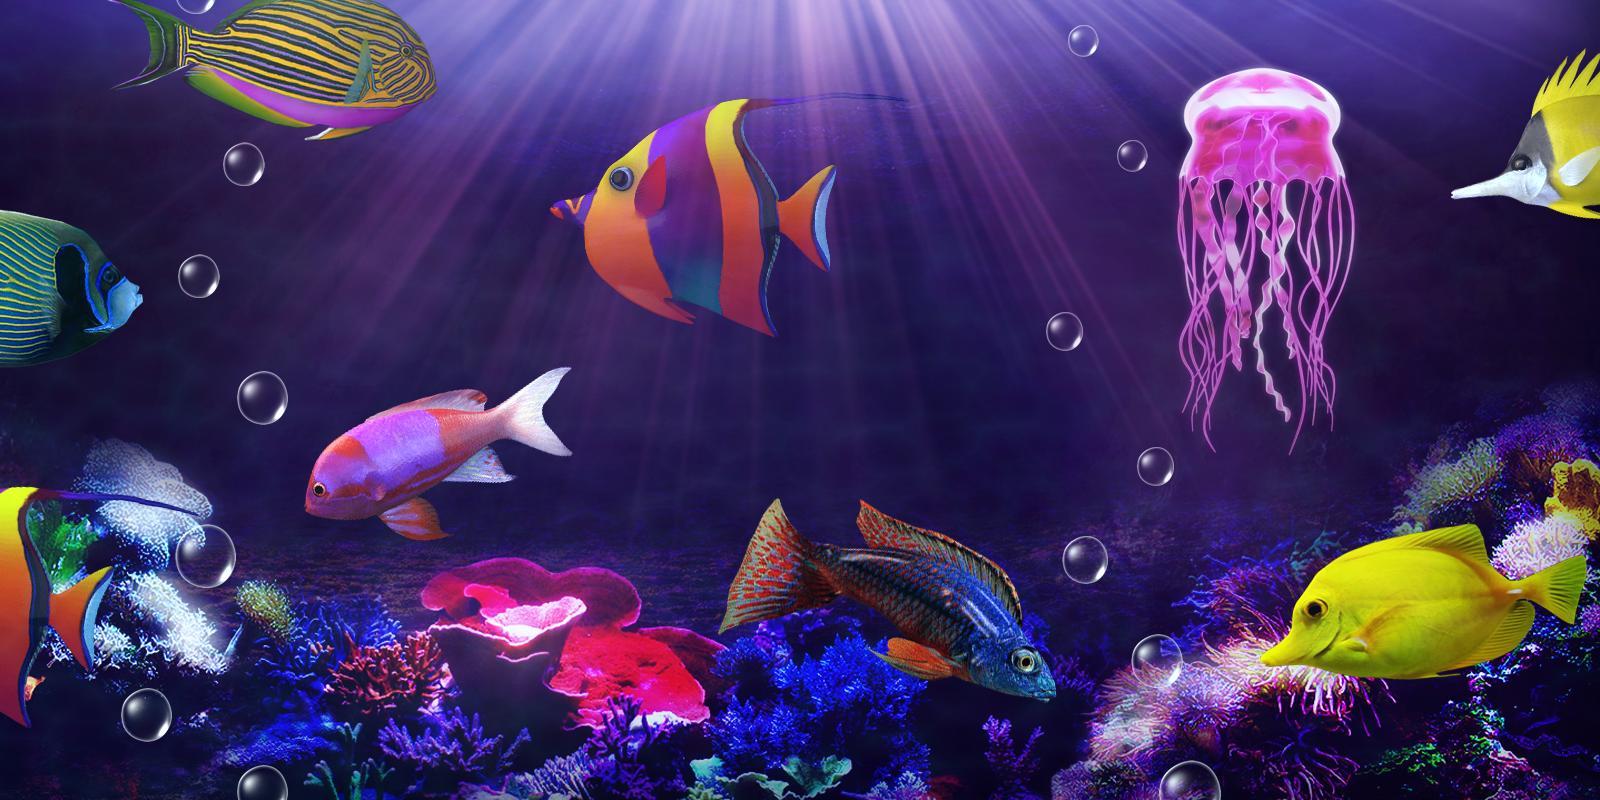 Работу, анимация картинки с рыбками